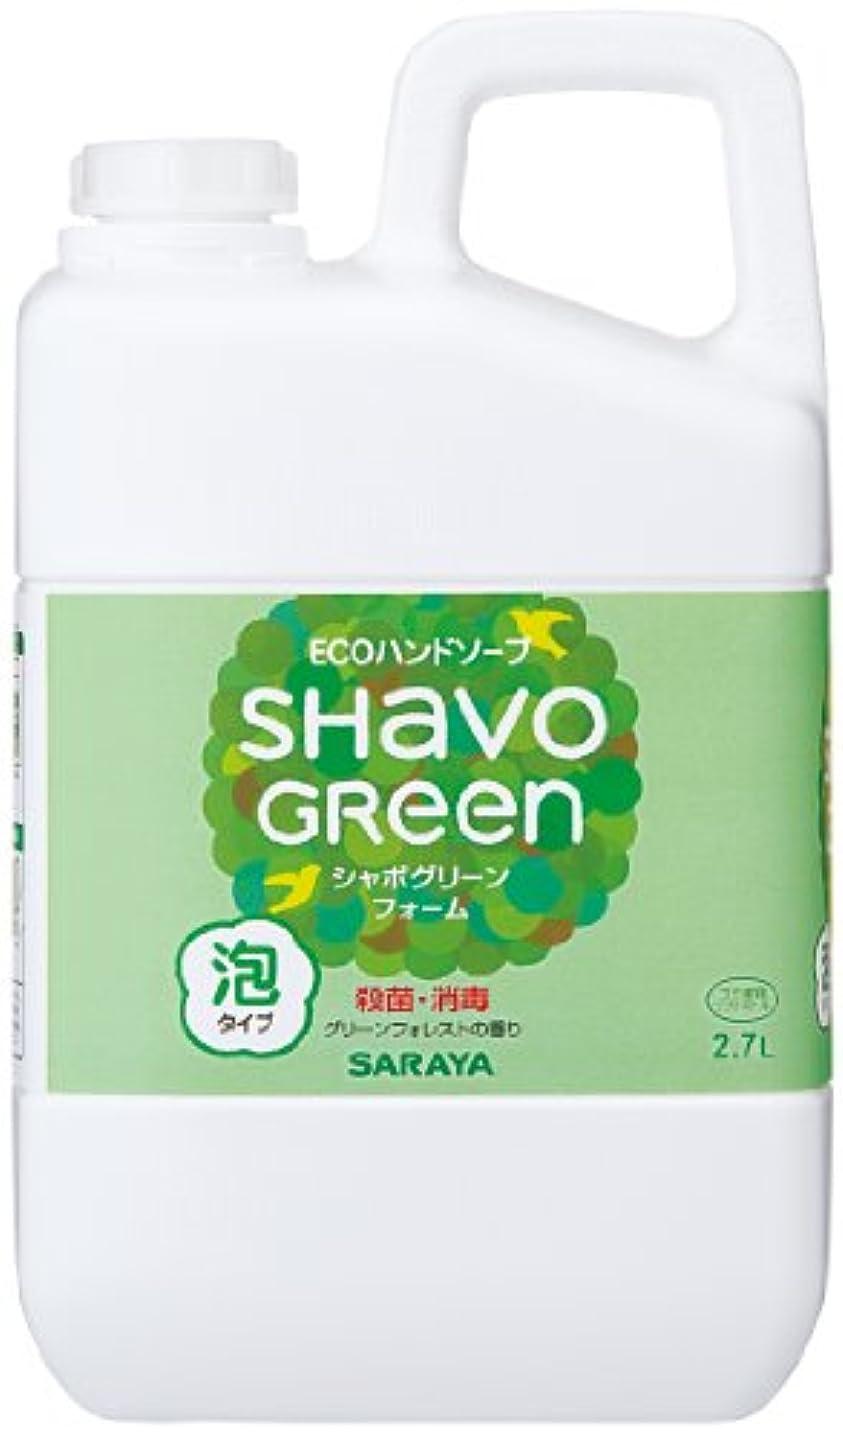 感性健康的正確にサラヤ シャボグリーン フォーム 詰替用 2.7L